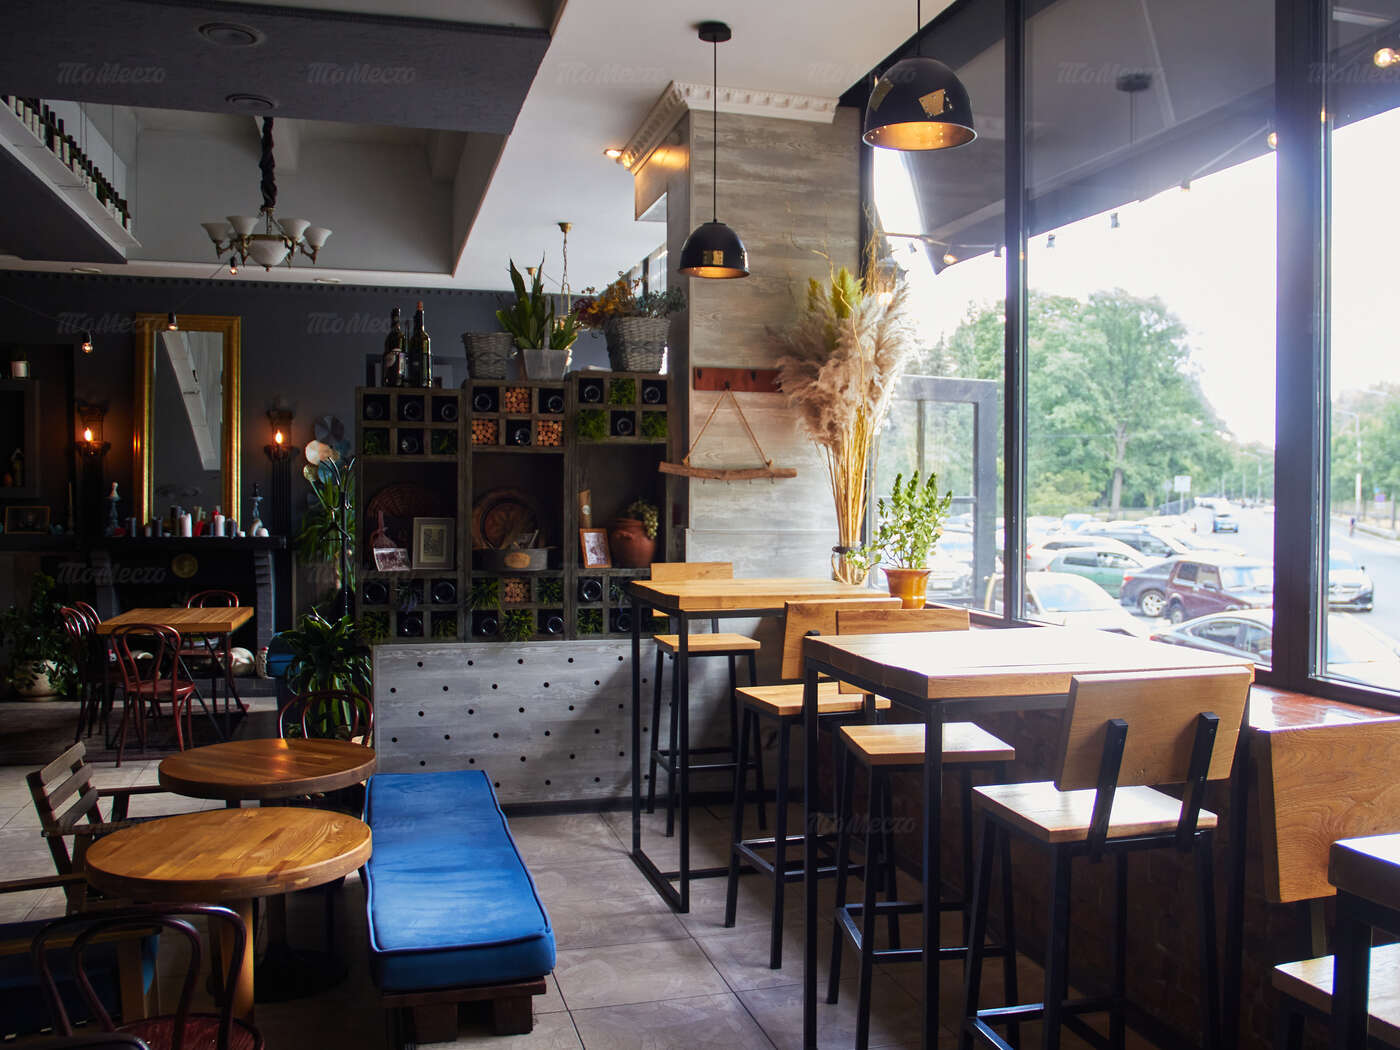 Ресторан Pshaveli (Пшавели) на набережной реки Карповки